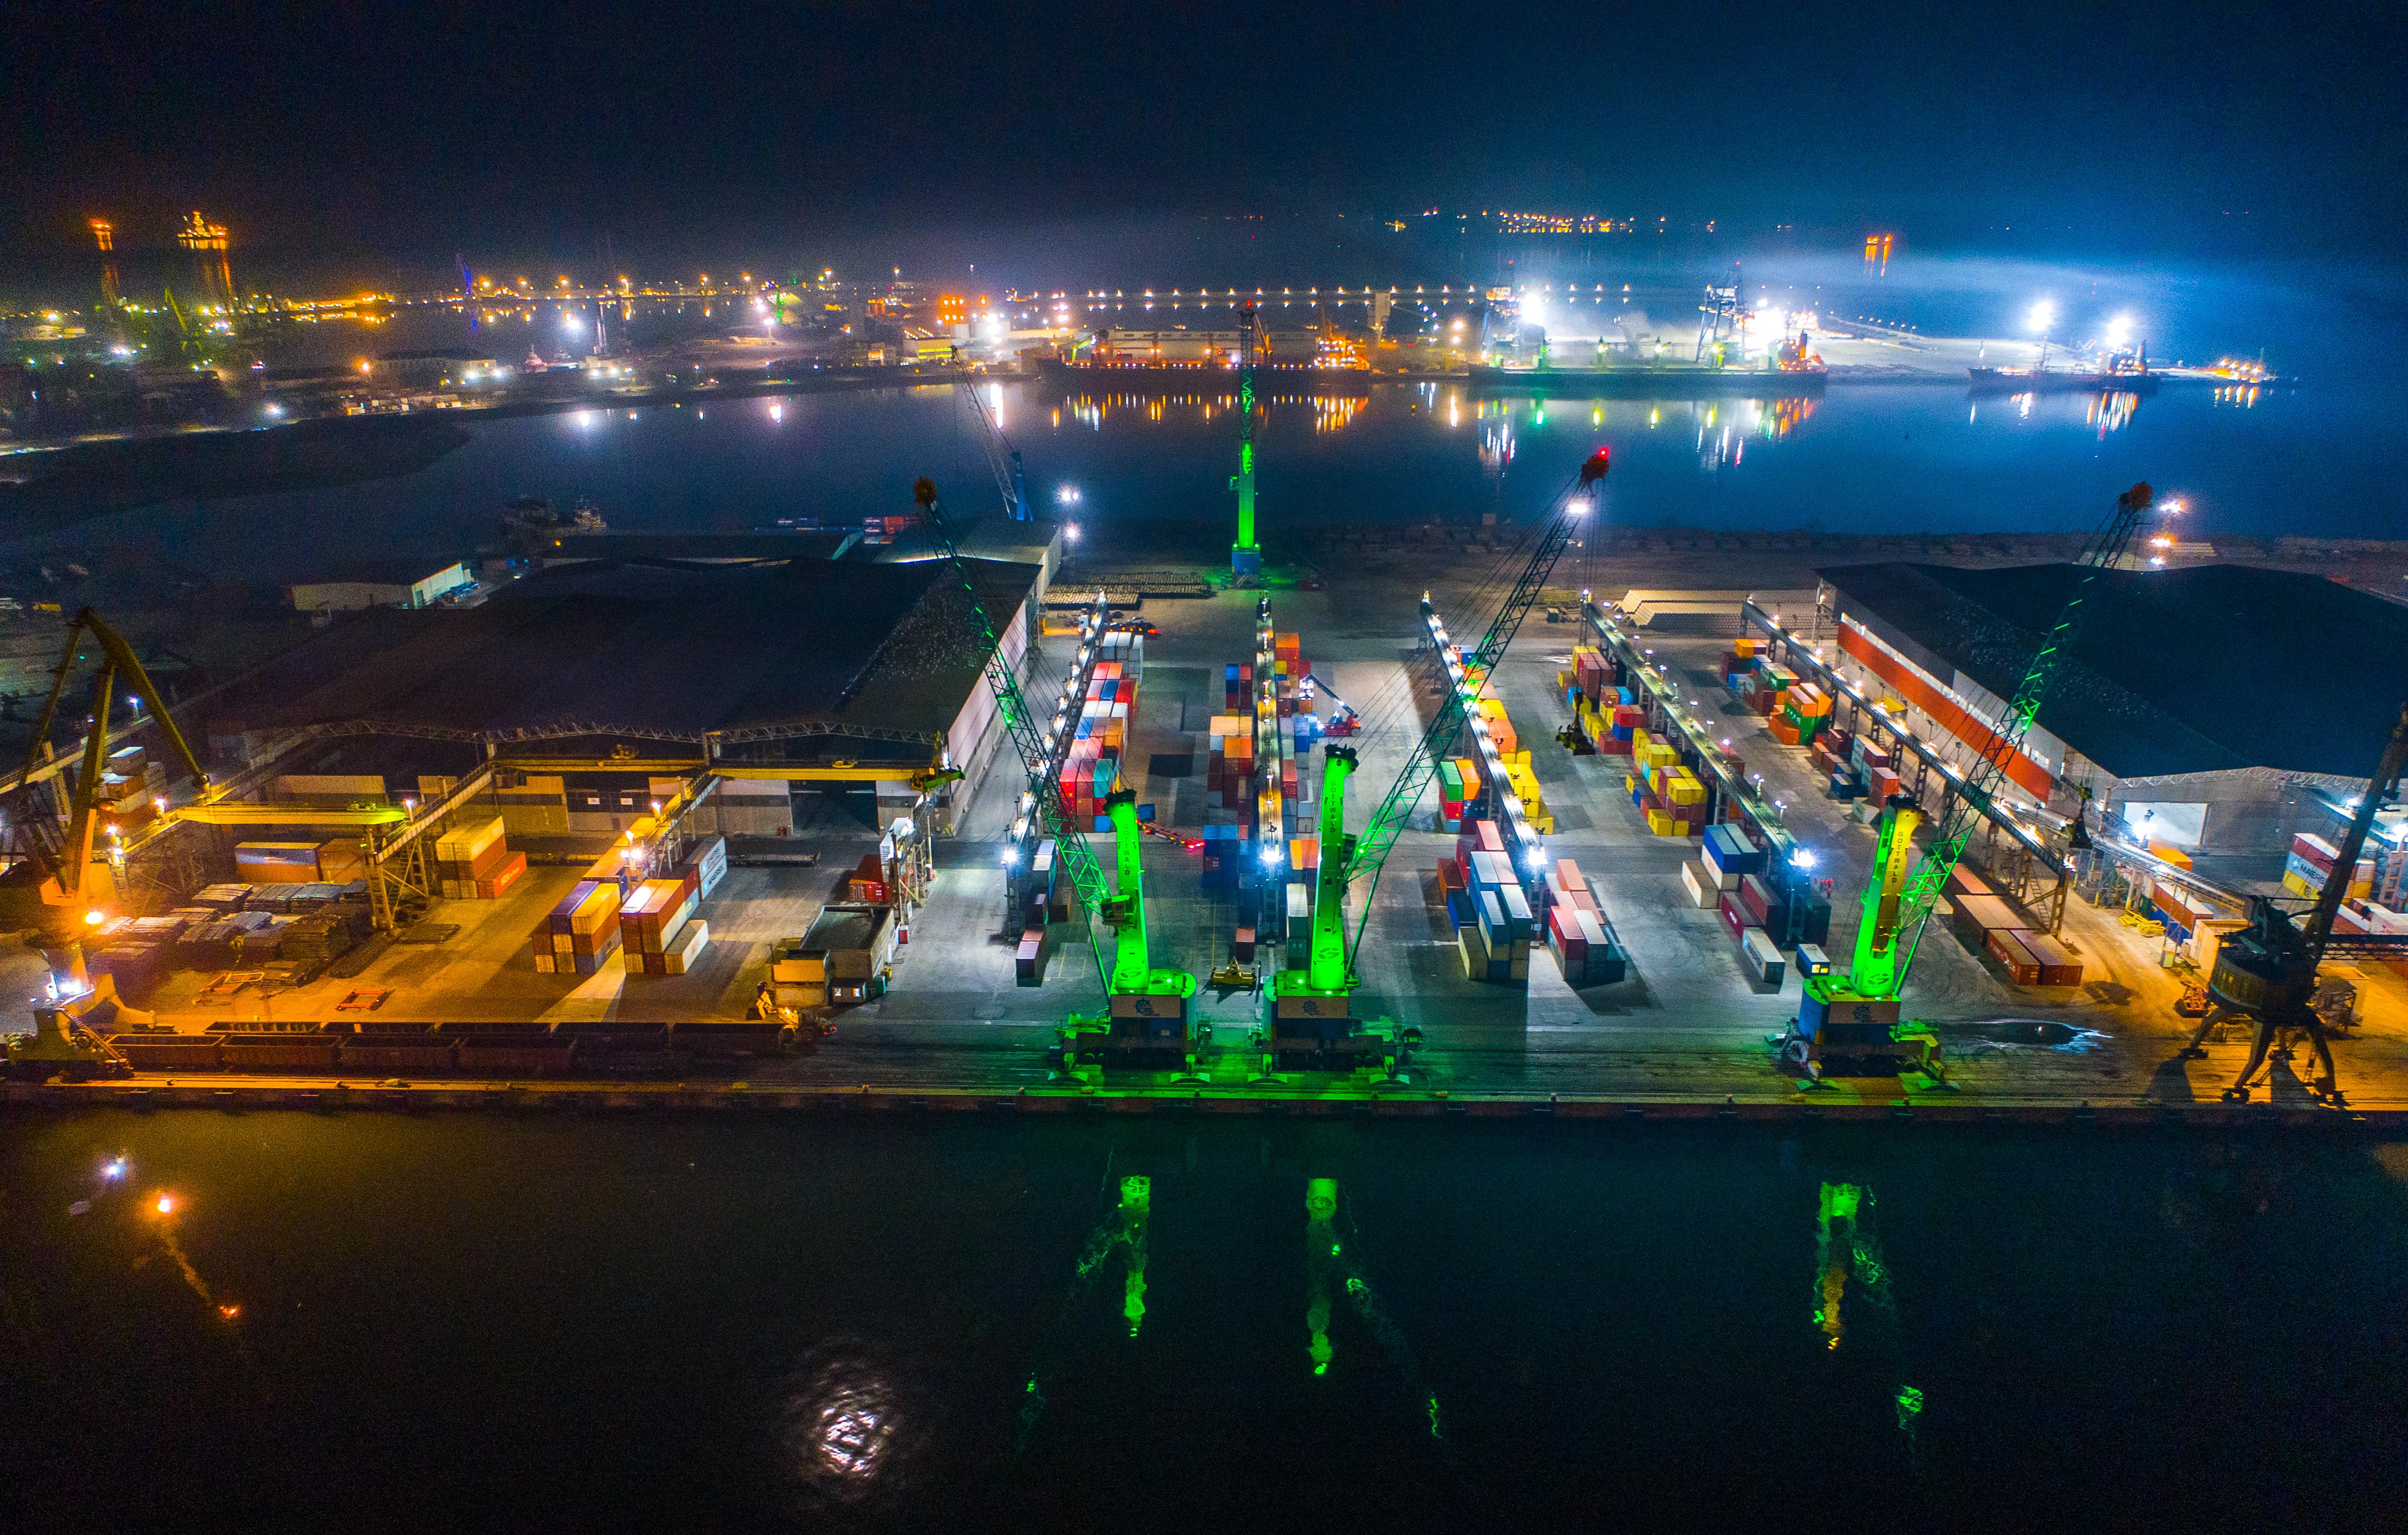 БМФ Порт Бургас домакинства на Федерацията на европейските частни пристанищни терминали и стефадорски компании  Fеport